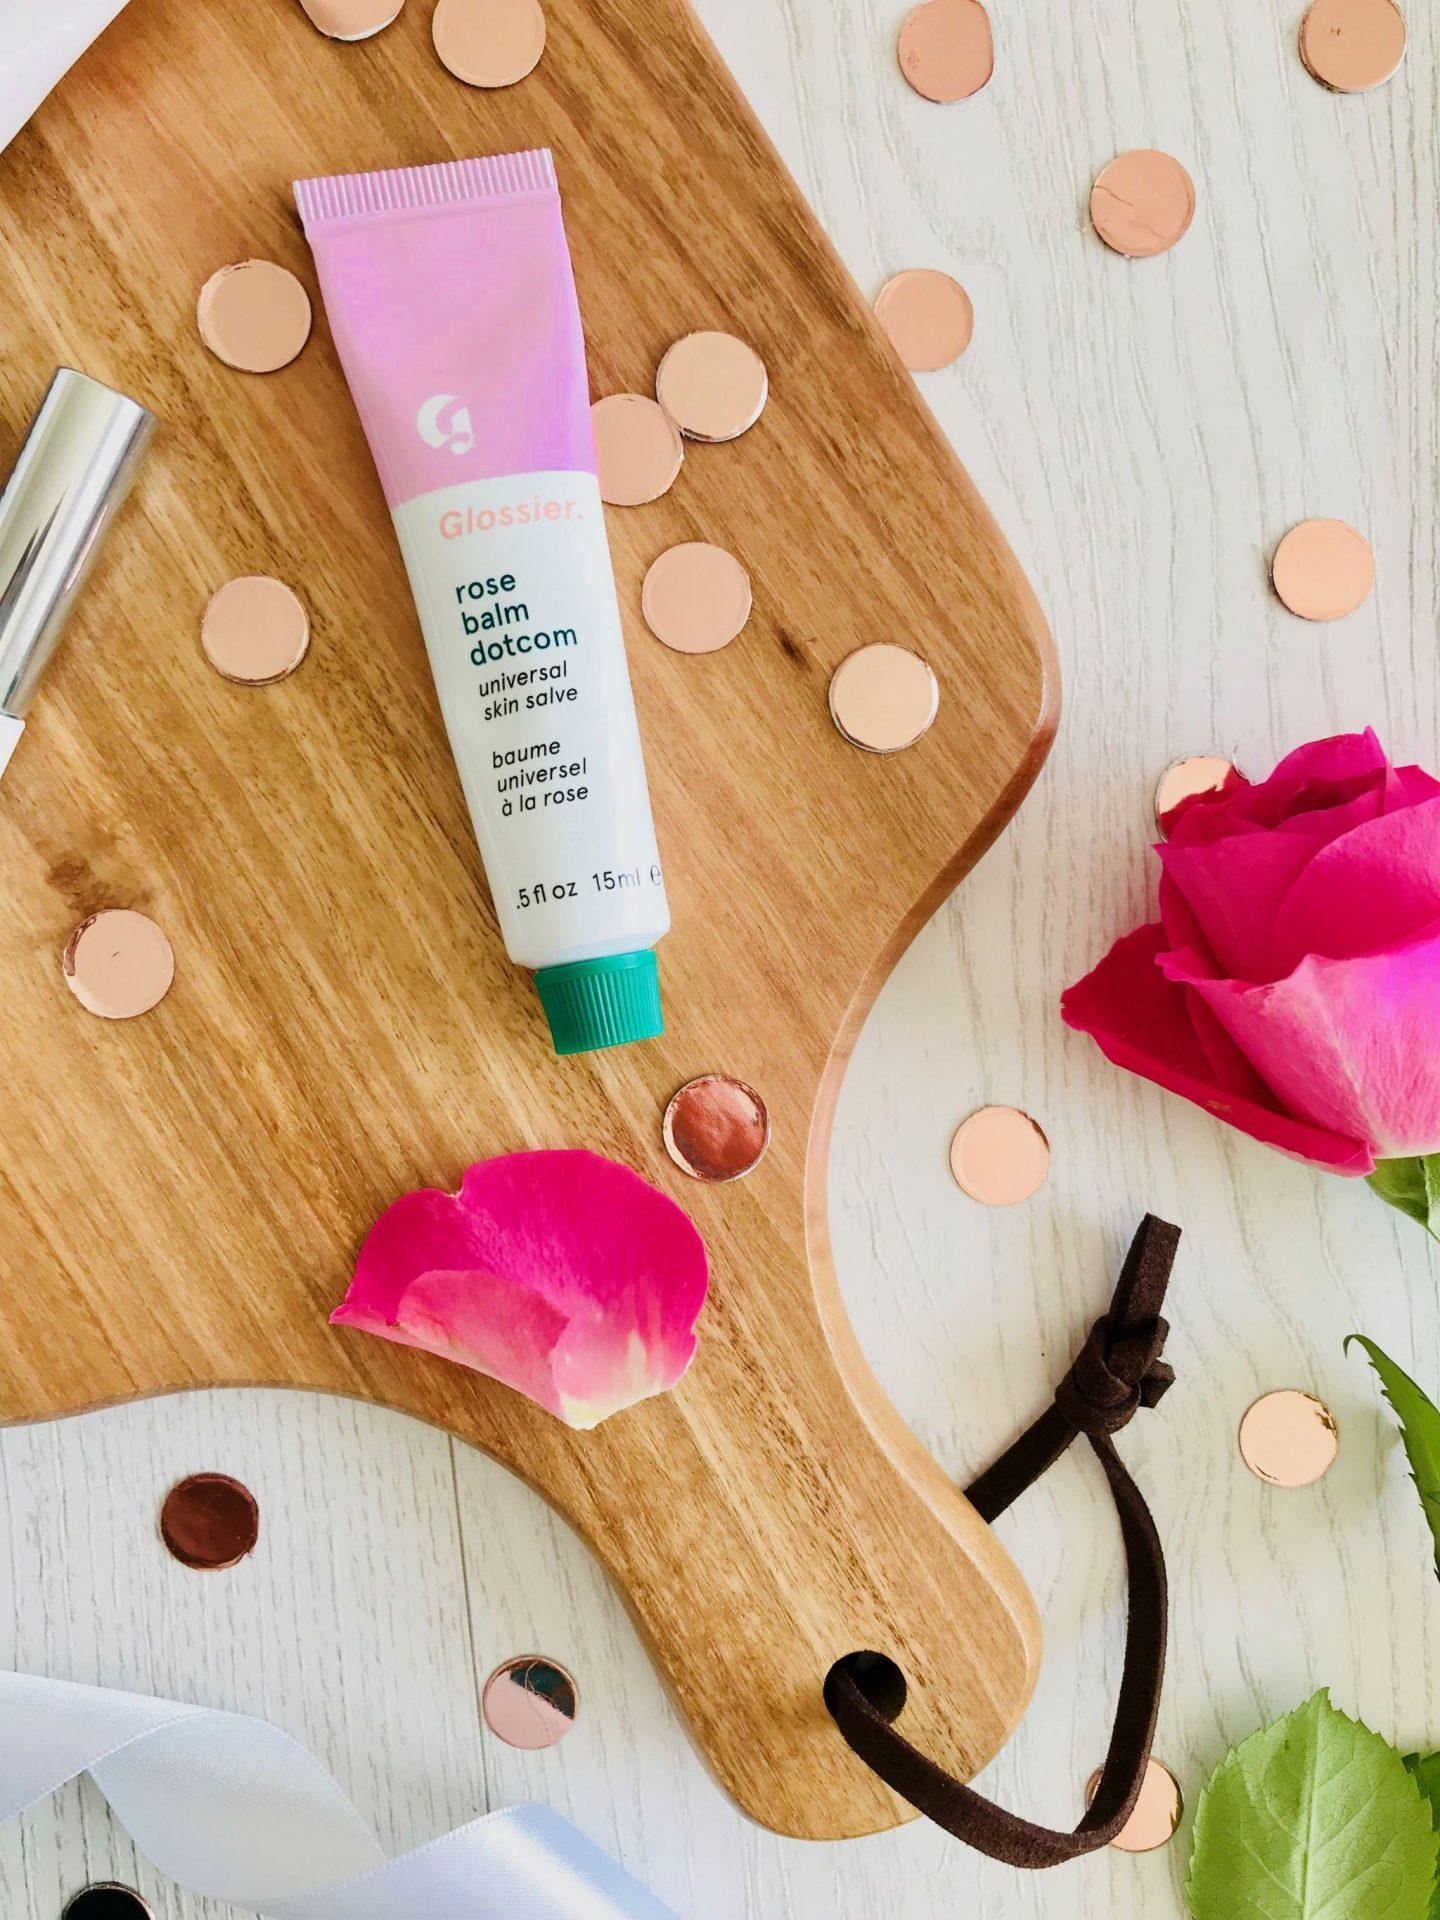 Glossier skincare makeup first impressions boy brow balm dot com rose priming moisturizer discount